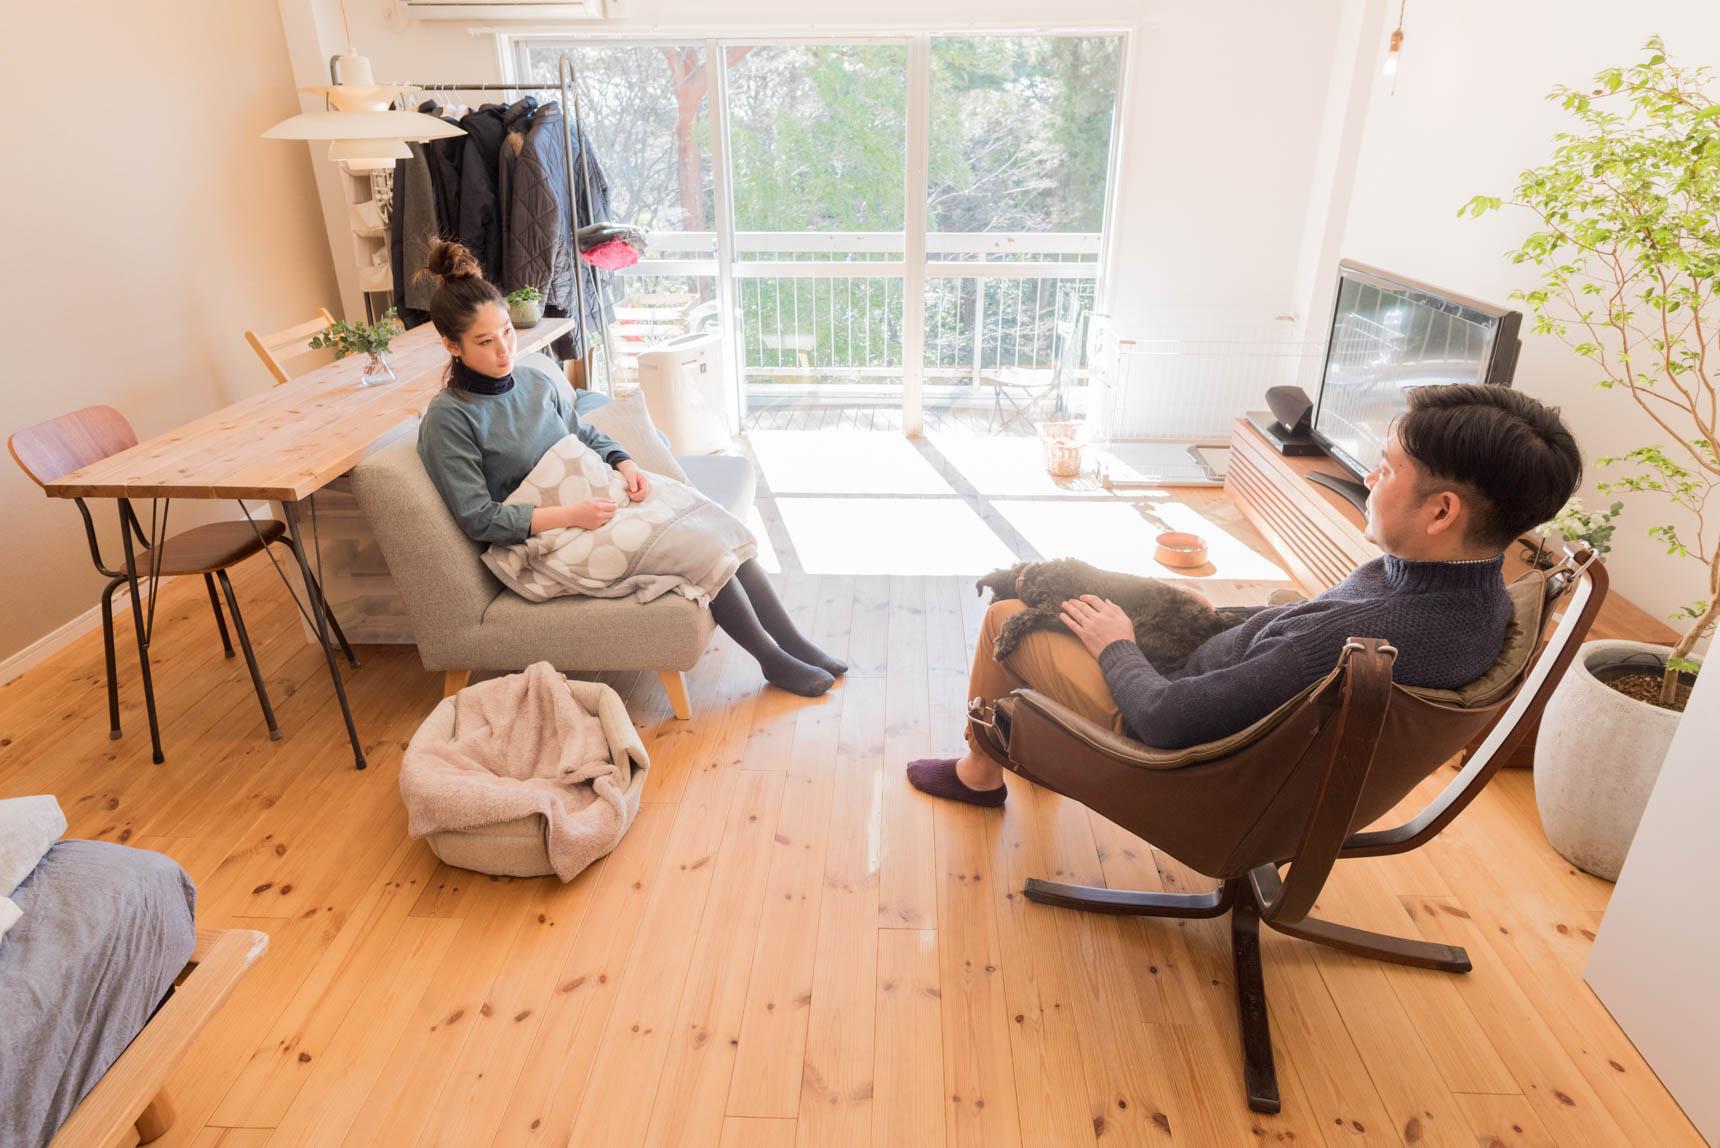 スペースに余裕を持ったお部屋を選ぶのも大切かも(このインテリア実例はこちら)